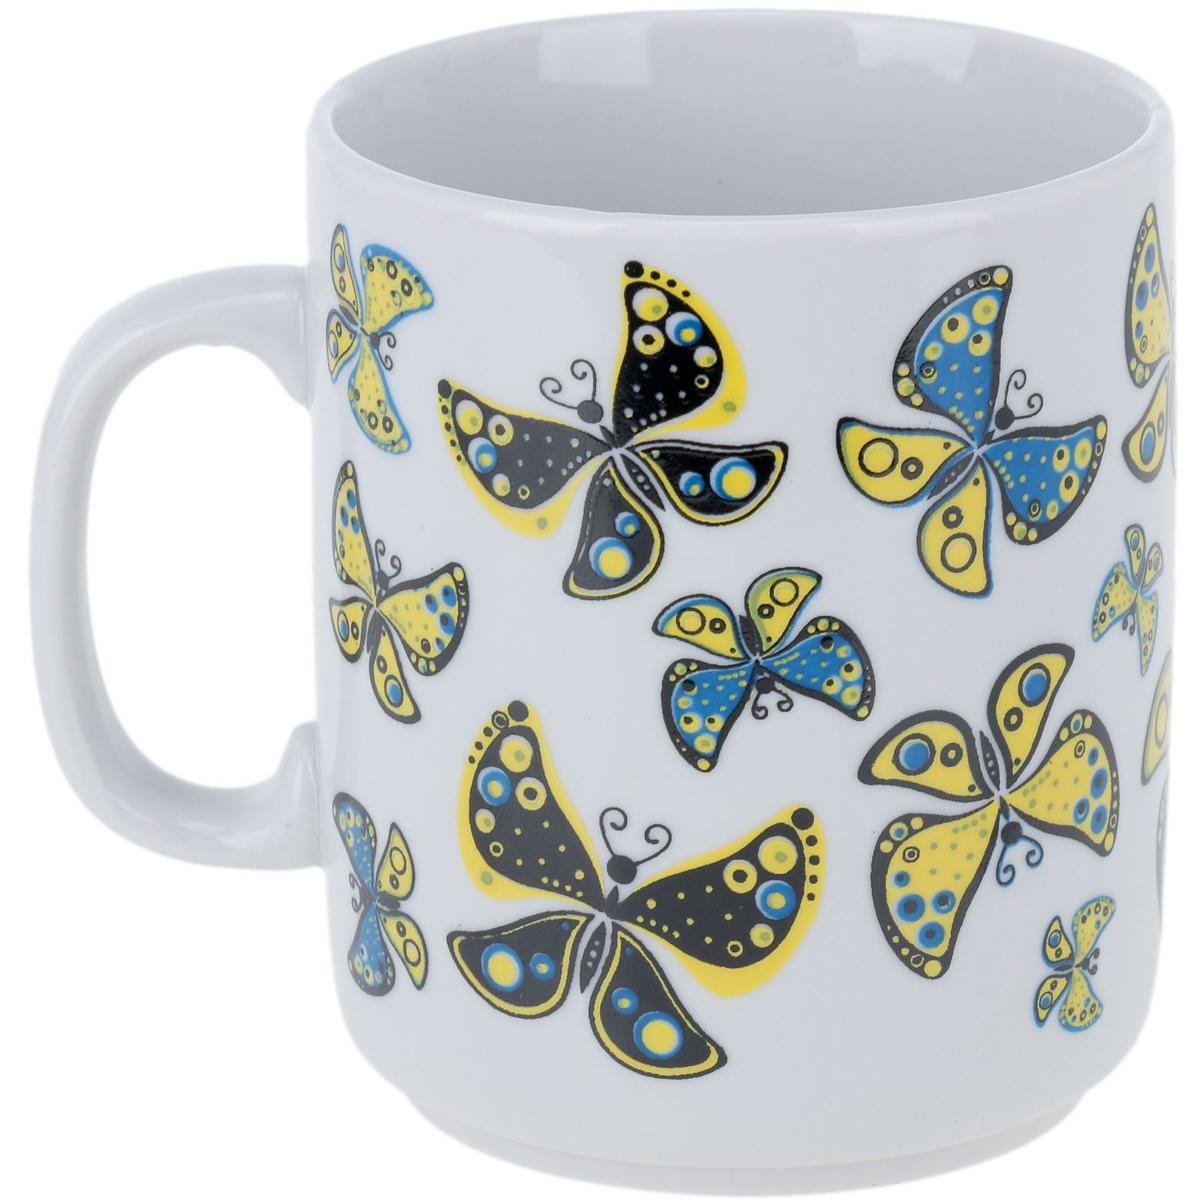 Кружка Фарфор Вербилок Солнечные бабочки, 300 мл. кружка фарфор вербилок розовая лилия 200 мл